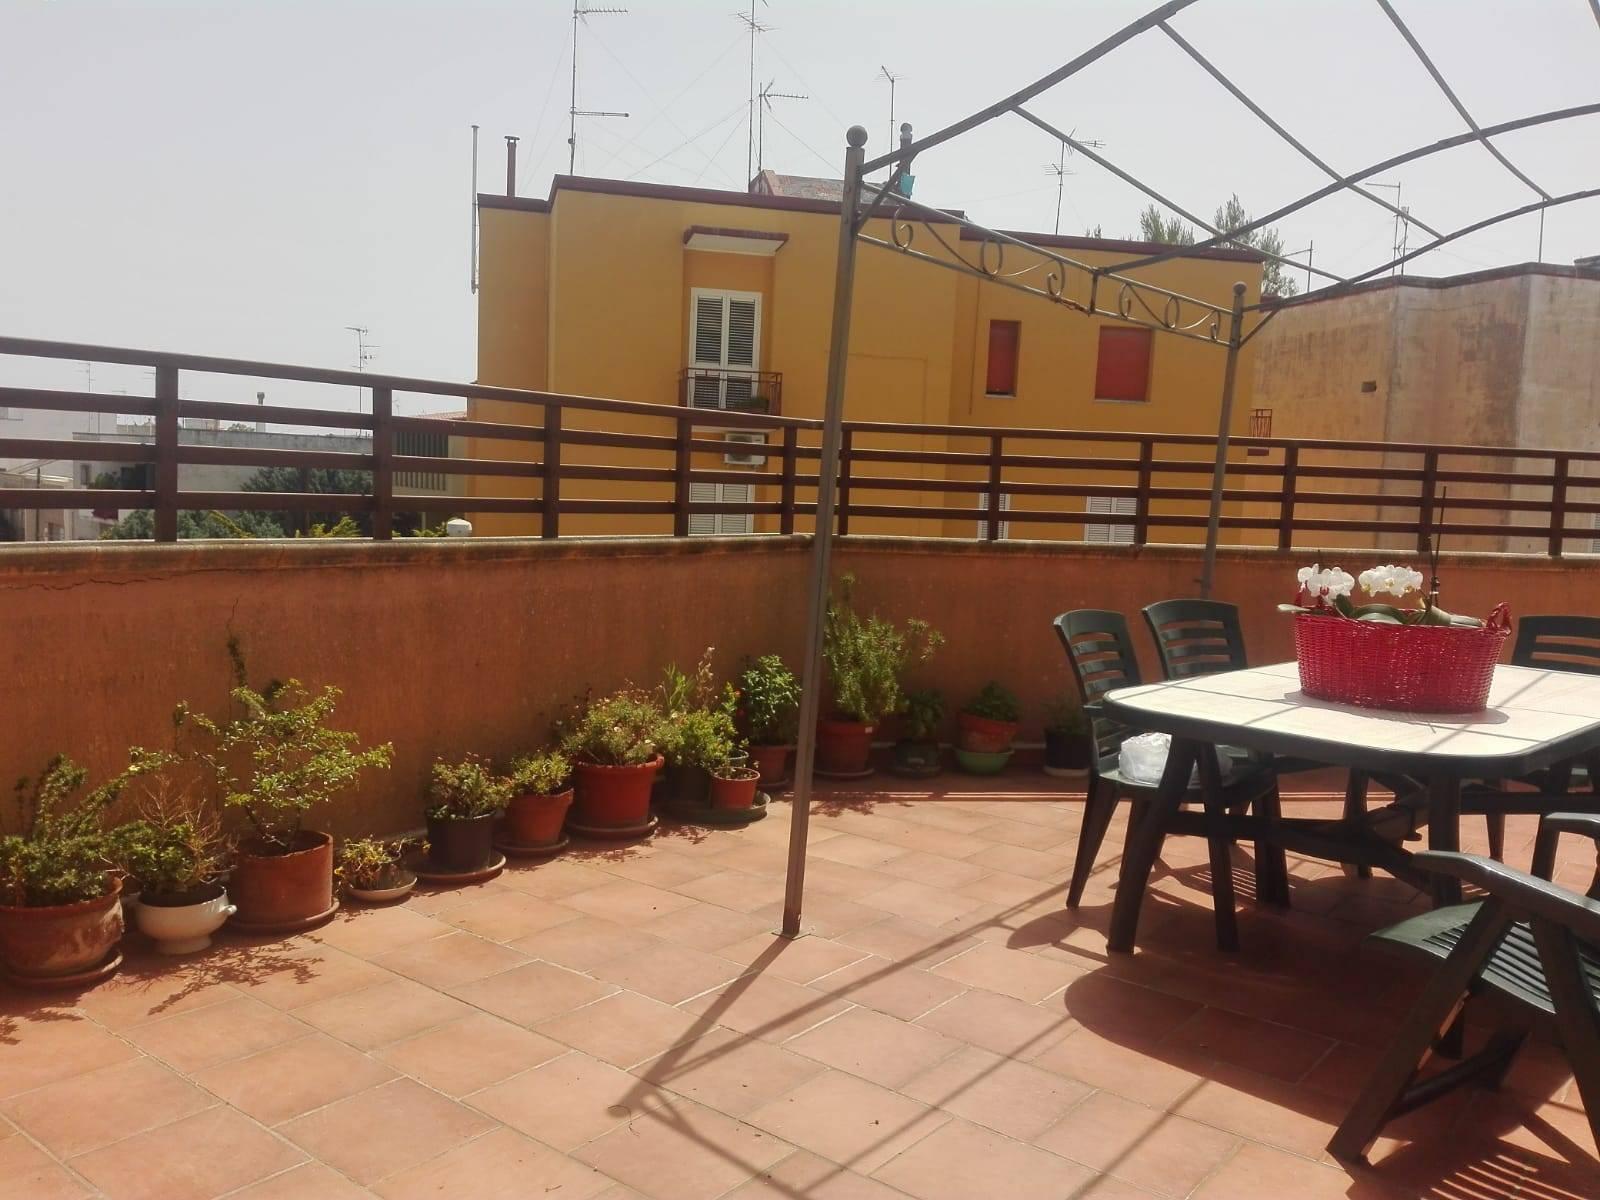 Appartamento in vendita a San Cesario di Lecce, 5 locali, prezzo € 85.000 | PortaleAgenzieImmobiliari.it